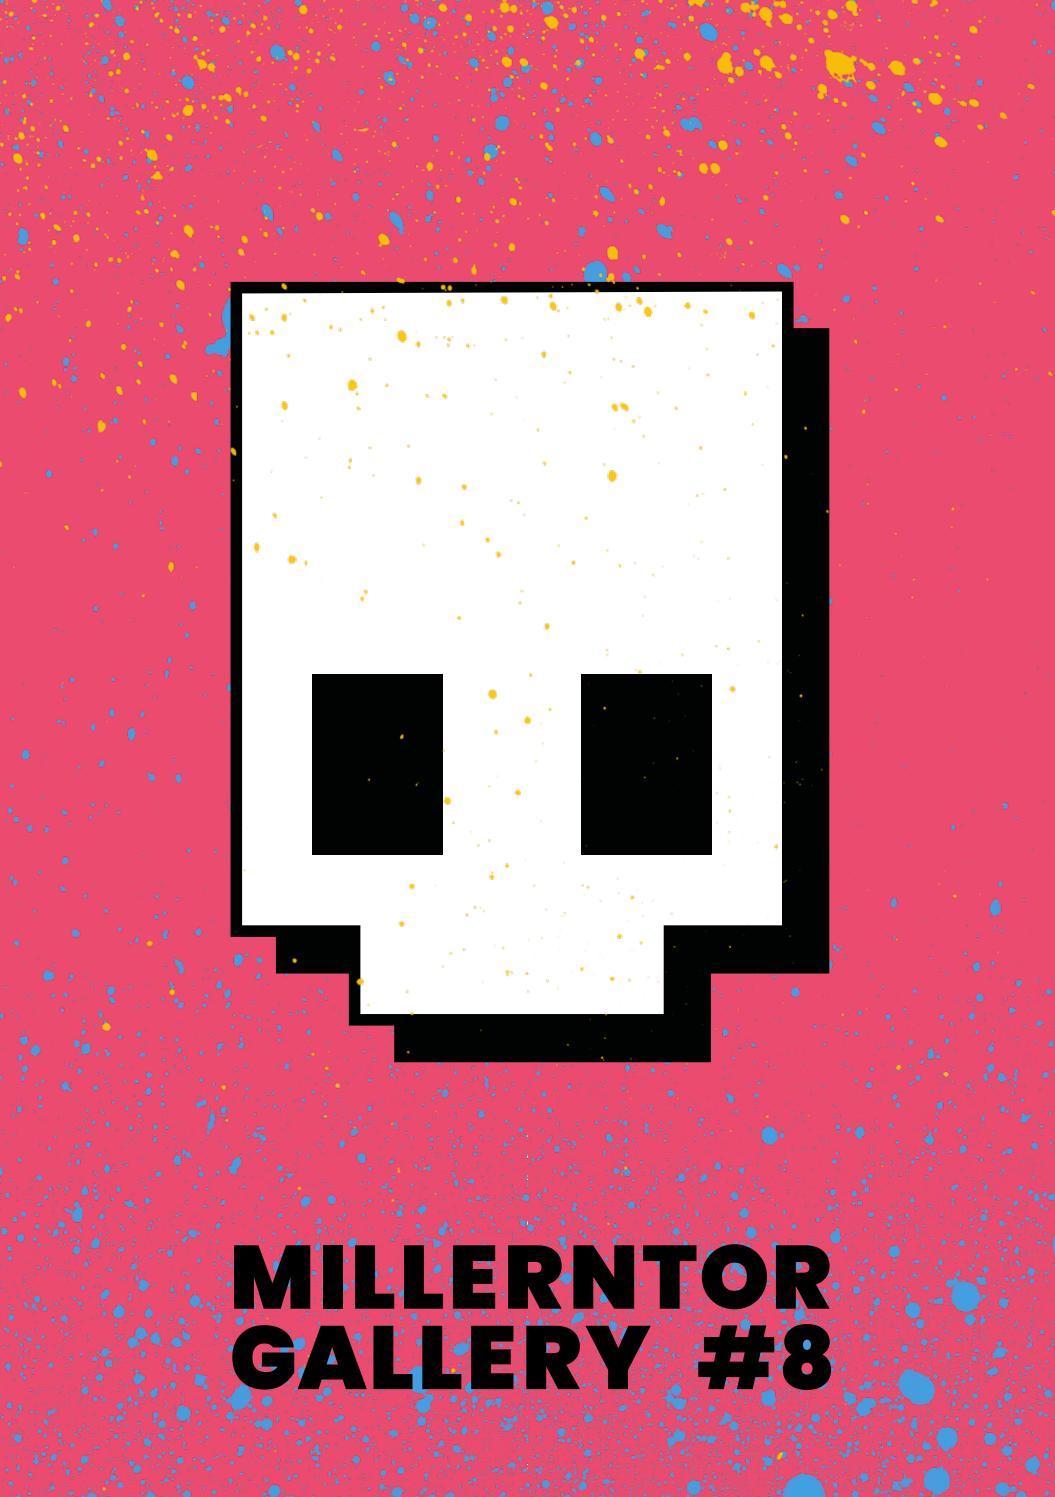 Millerntor Gallery #8 \